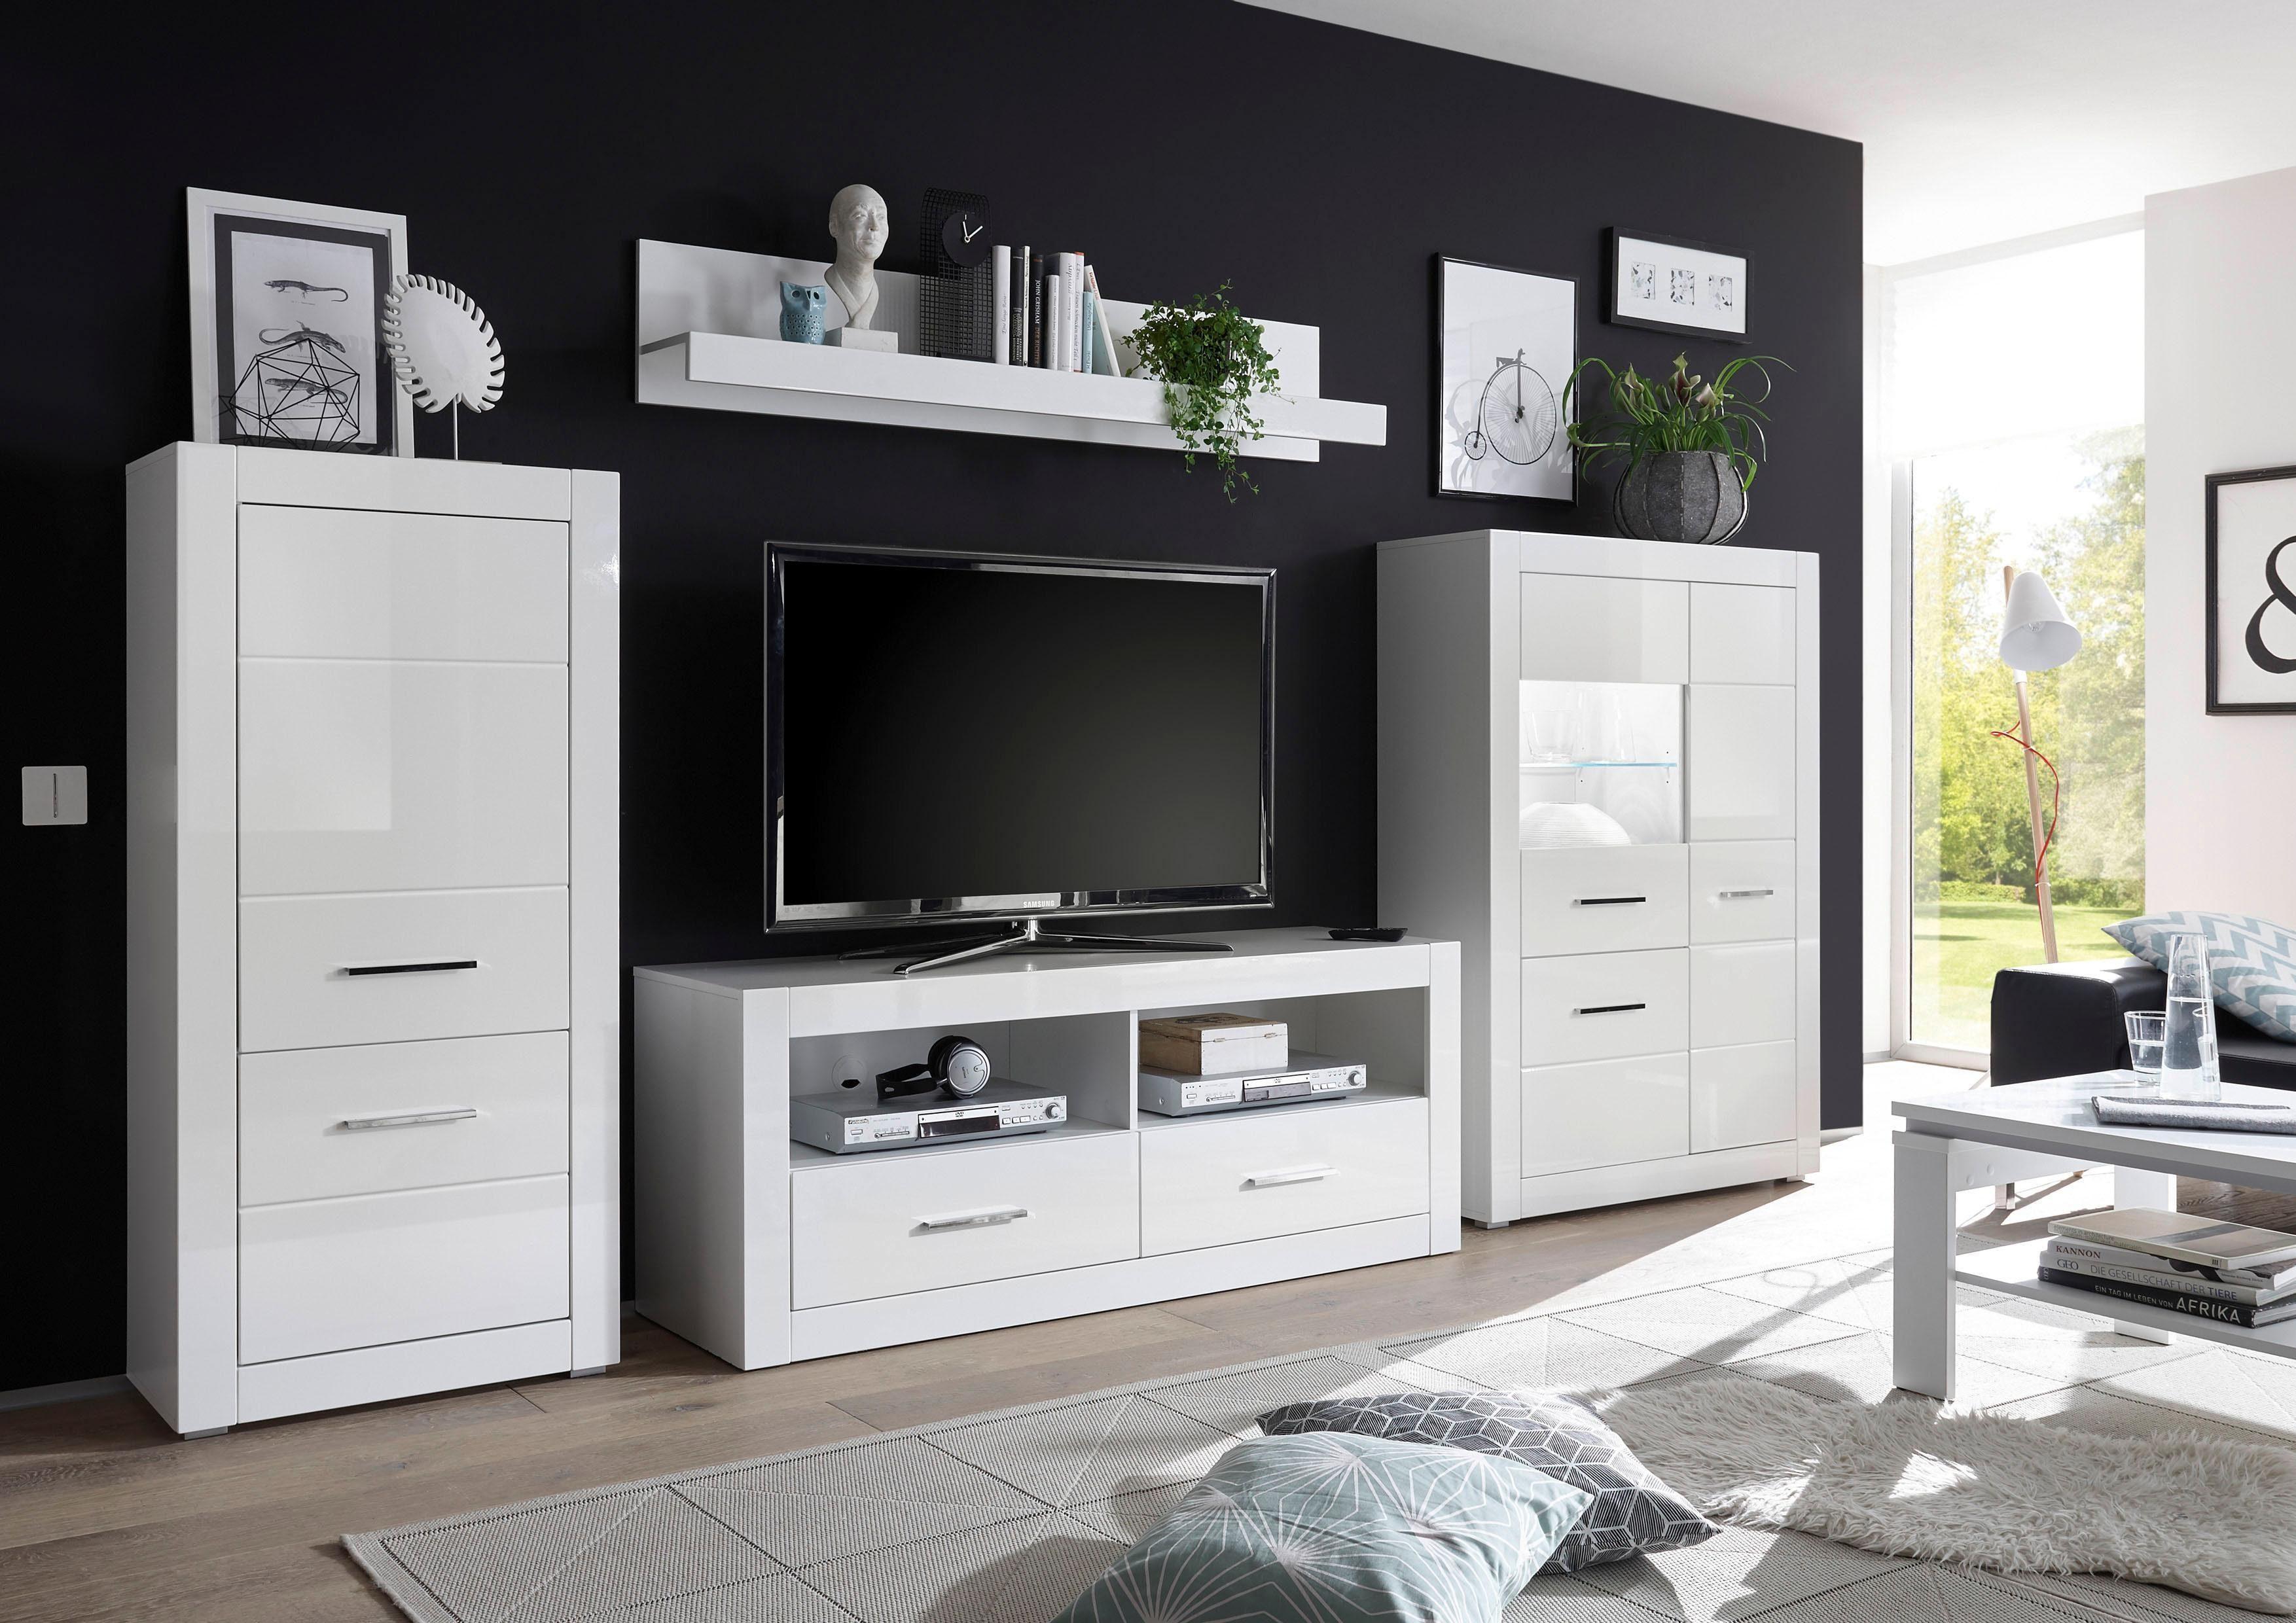 Wohnwand »BIANCO«, Set, 4 tlg online kaufen   OTTO